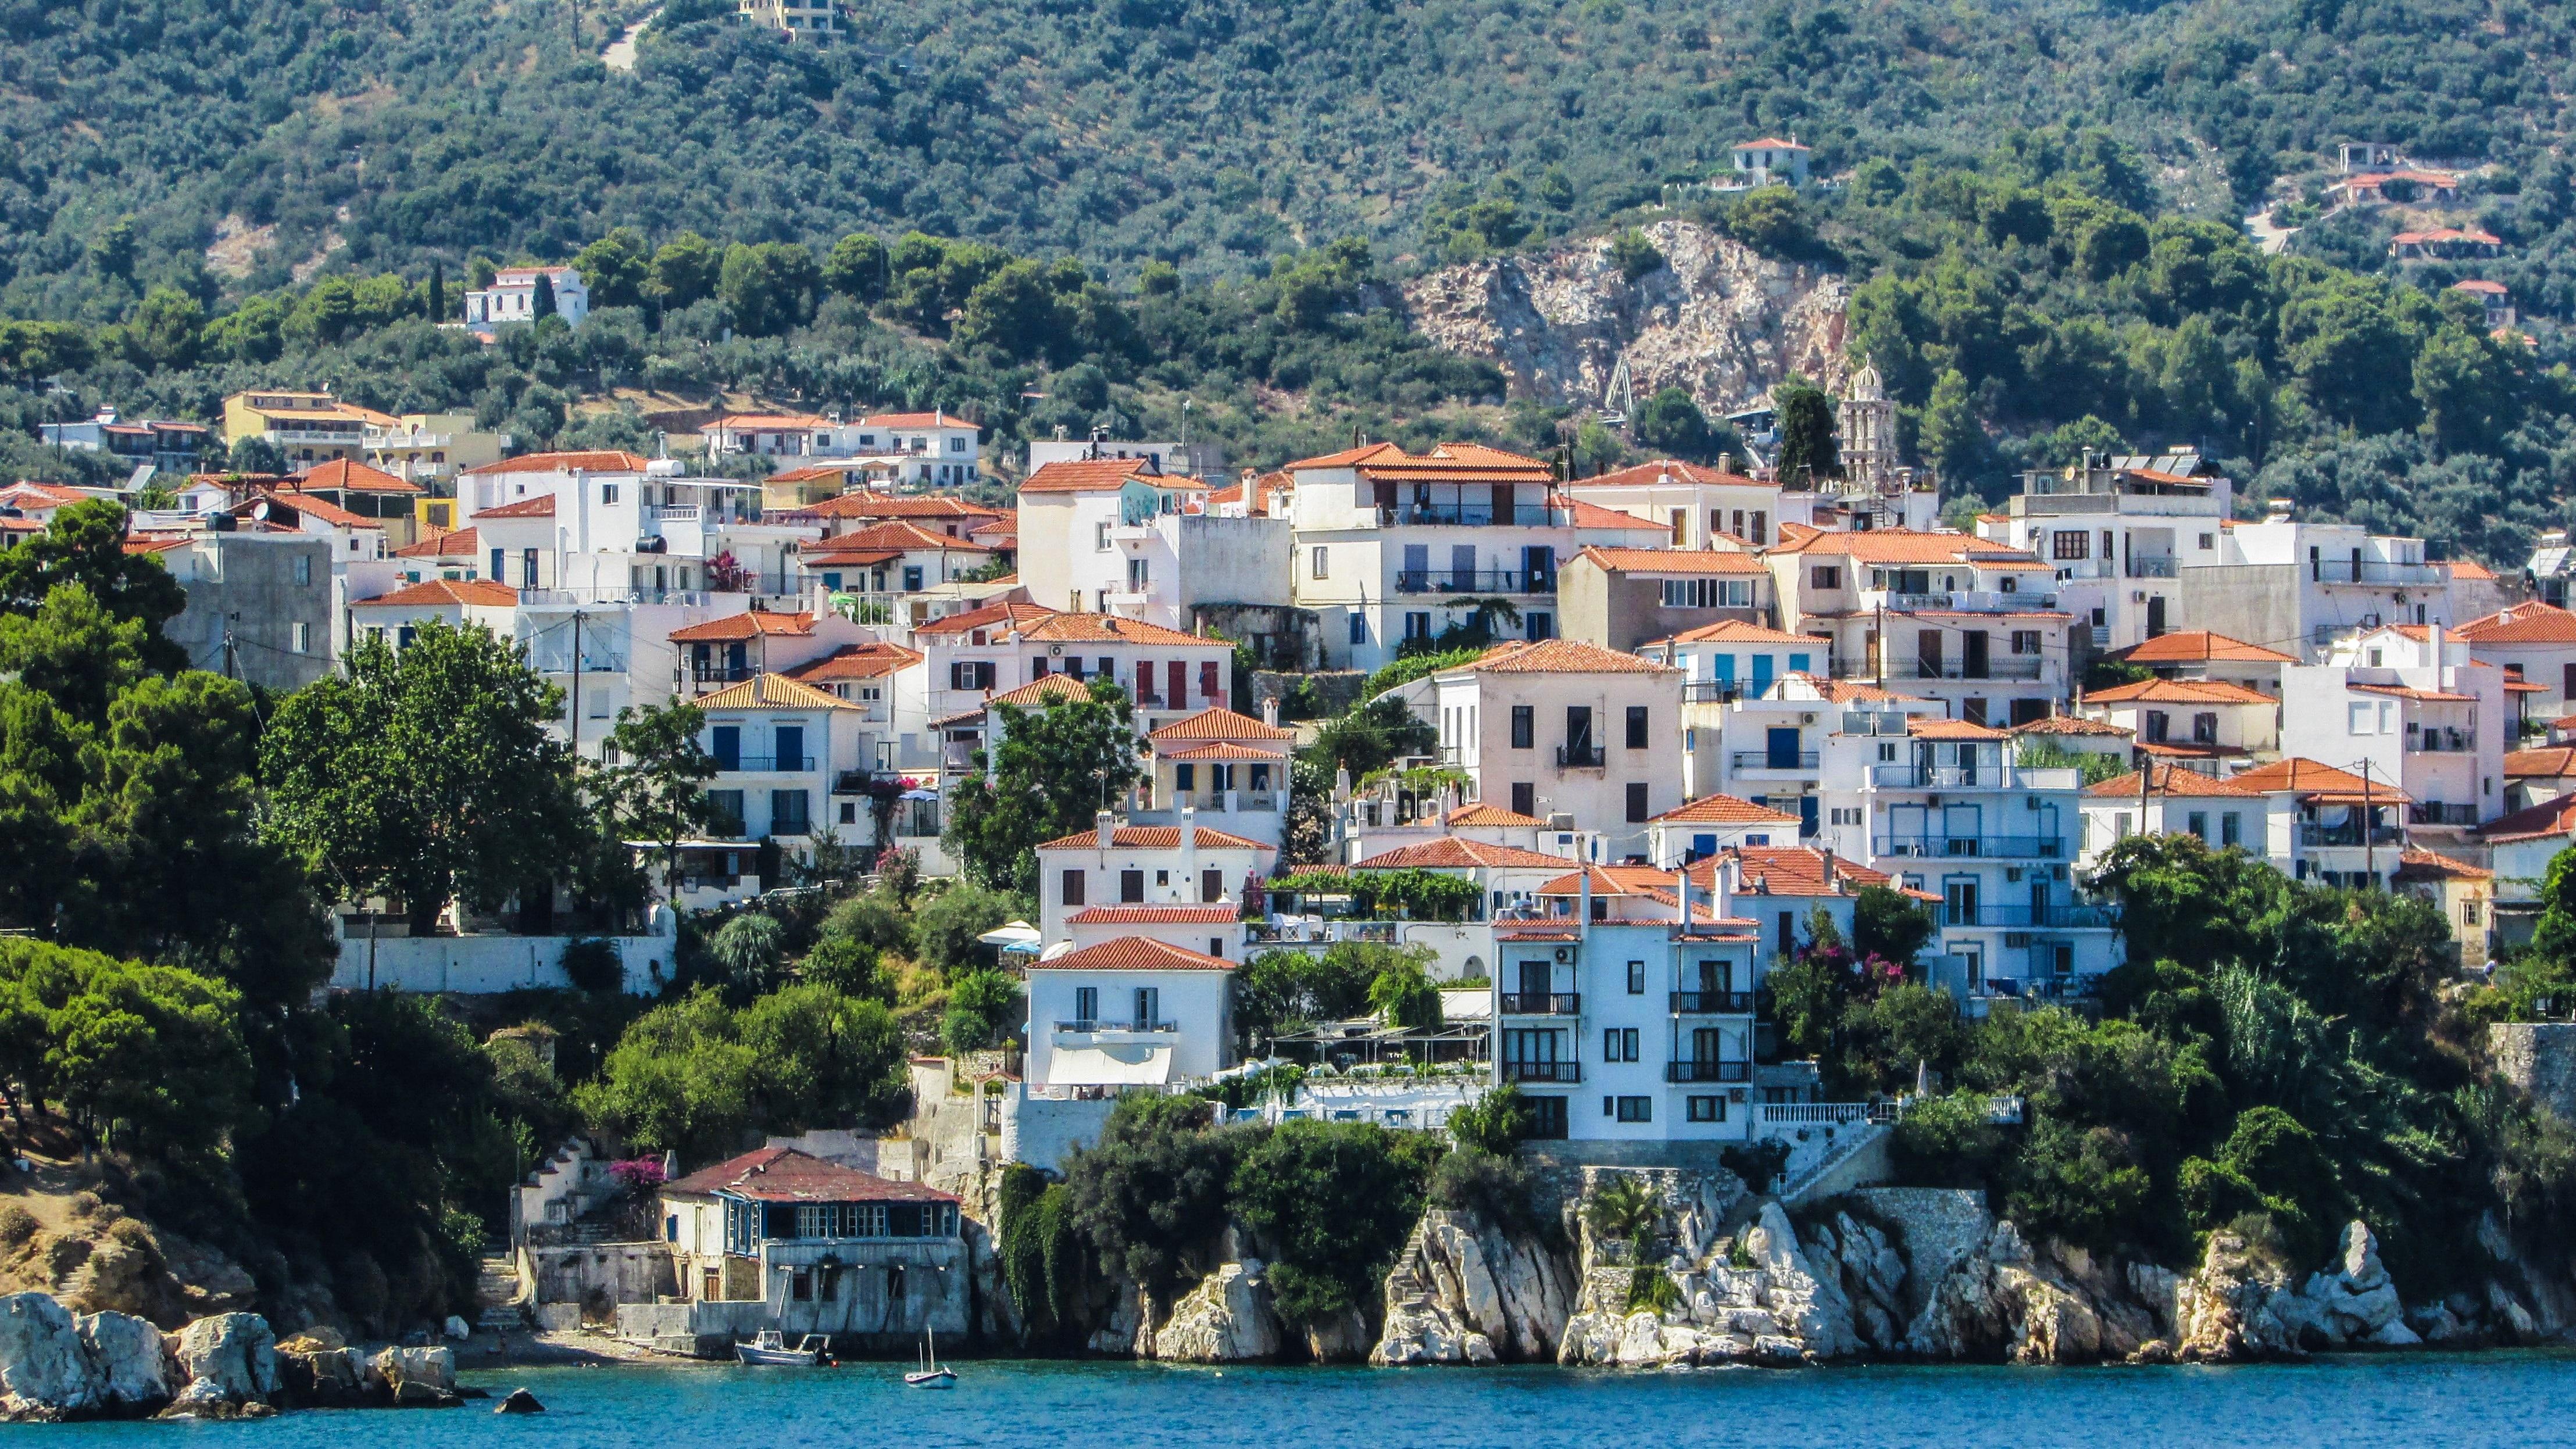 mar costa pueblo paisaje urbano verano vacaciones viajar pueblo griego mediterrneo baha isla turismo grecia skiathos